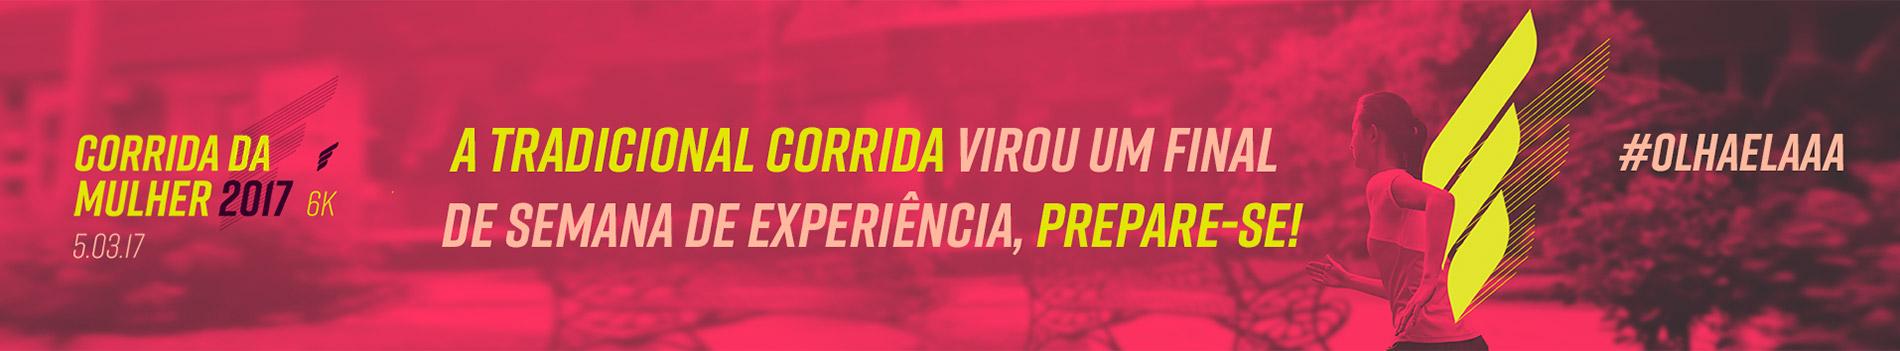 16ª CORRIDA DA MULHER DE CURITIBA - Imagem de topo